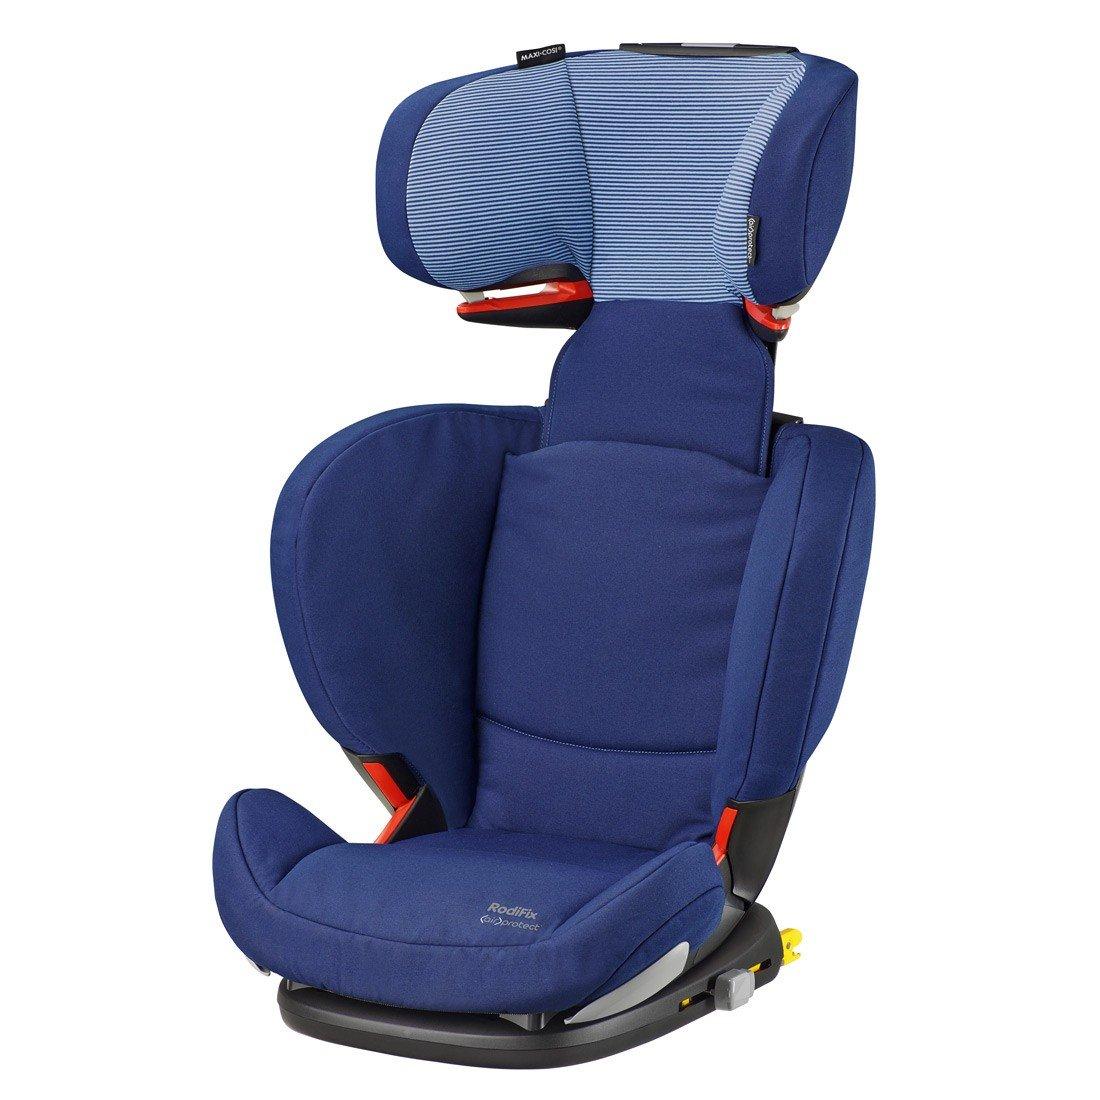 MAXI-COSI RodiFix AirProtect River Blue Bērnu autosēdeklis 15-36 kg